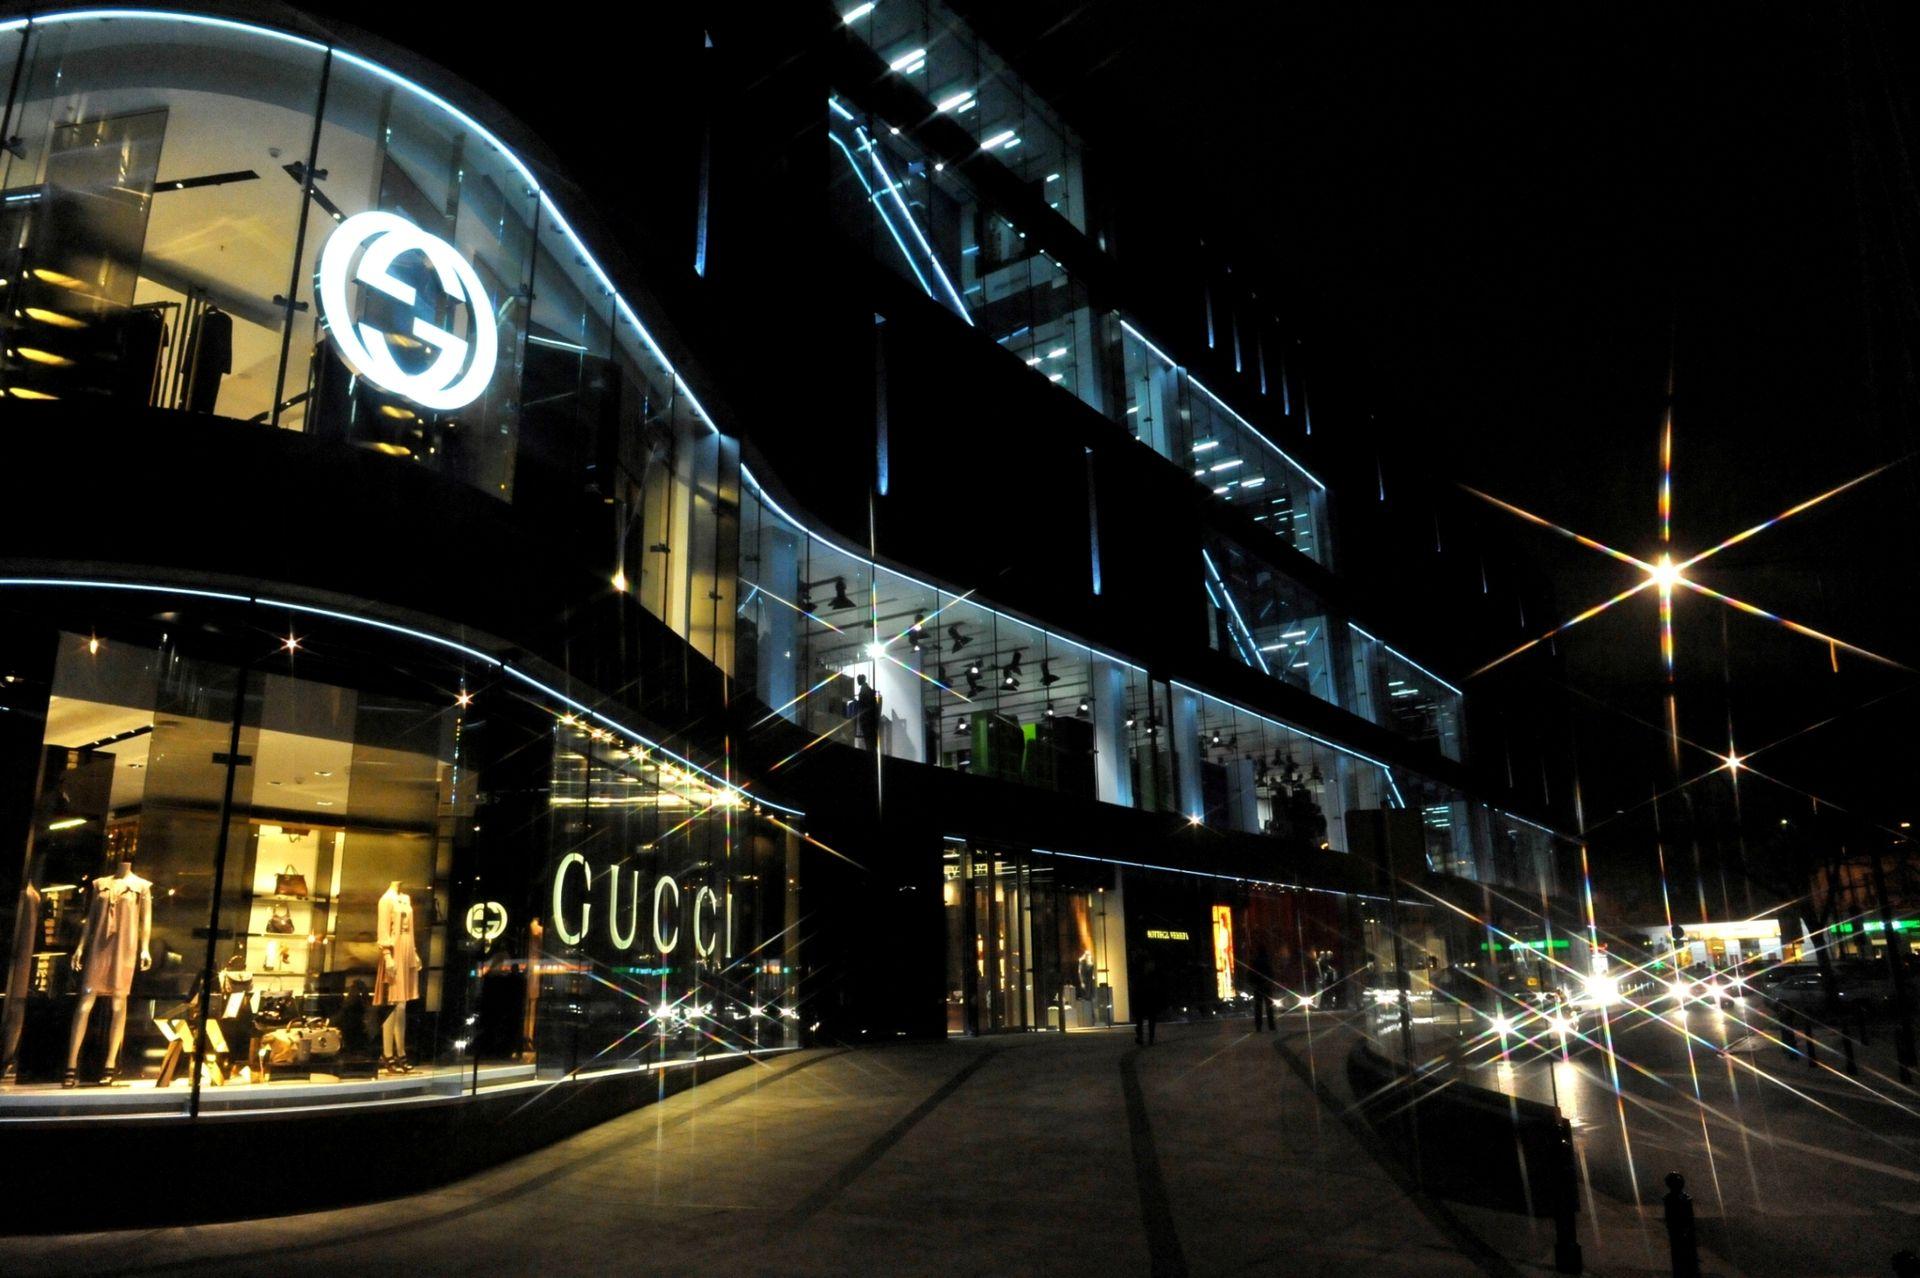 [Warszawa] Są już w Warszawie. Znane międzynarodowe marki otworzyły pierwsze sklepy w stolicy